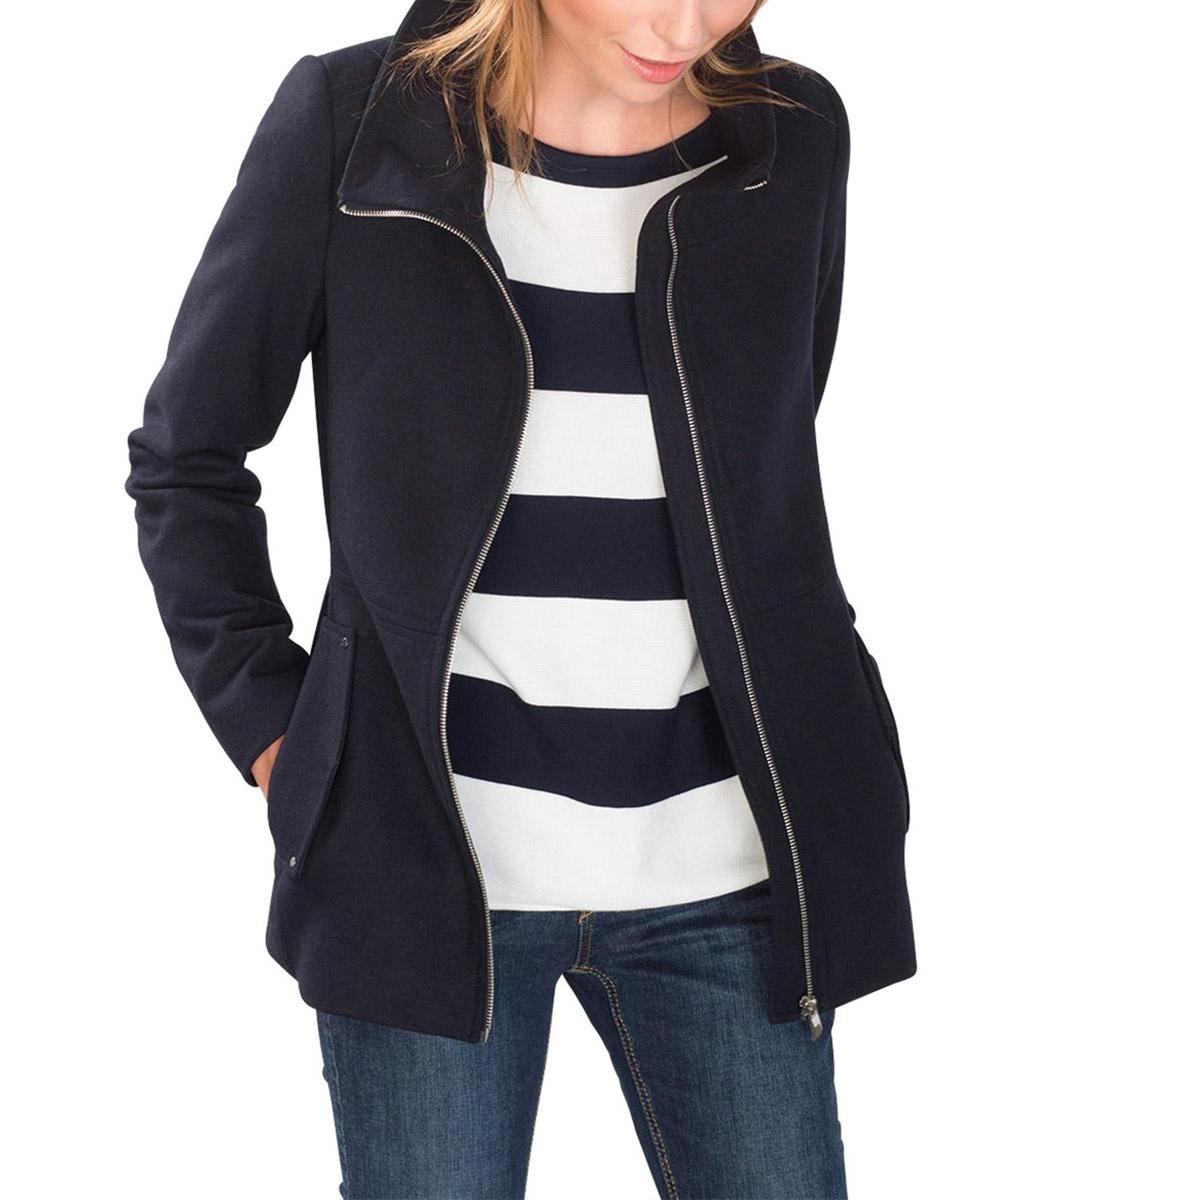 Пальто шерстяное драповое на молнииСостав и описаниеМатериал : 60% шерсти, 35% полиэстера,  5% прочих материаловМарка : EspritЗастежка : на молнию  Высокий воротник. 2 кармана. небольшие серебристые заклепки.<br><br>Цвет: темно-синий<br>Размер: 40 (FR) - 46 (RUS)